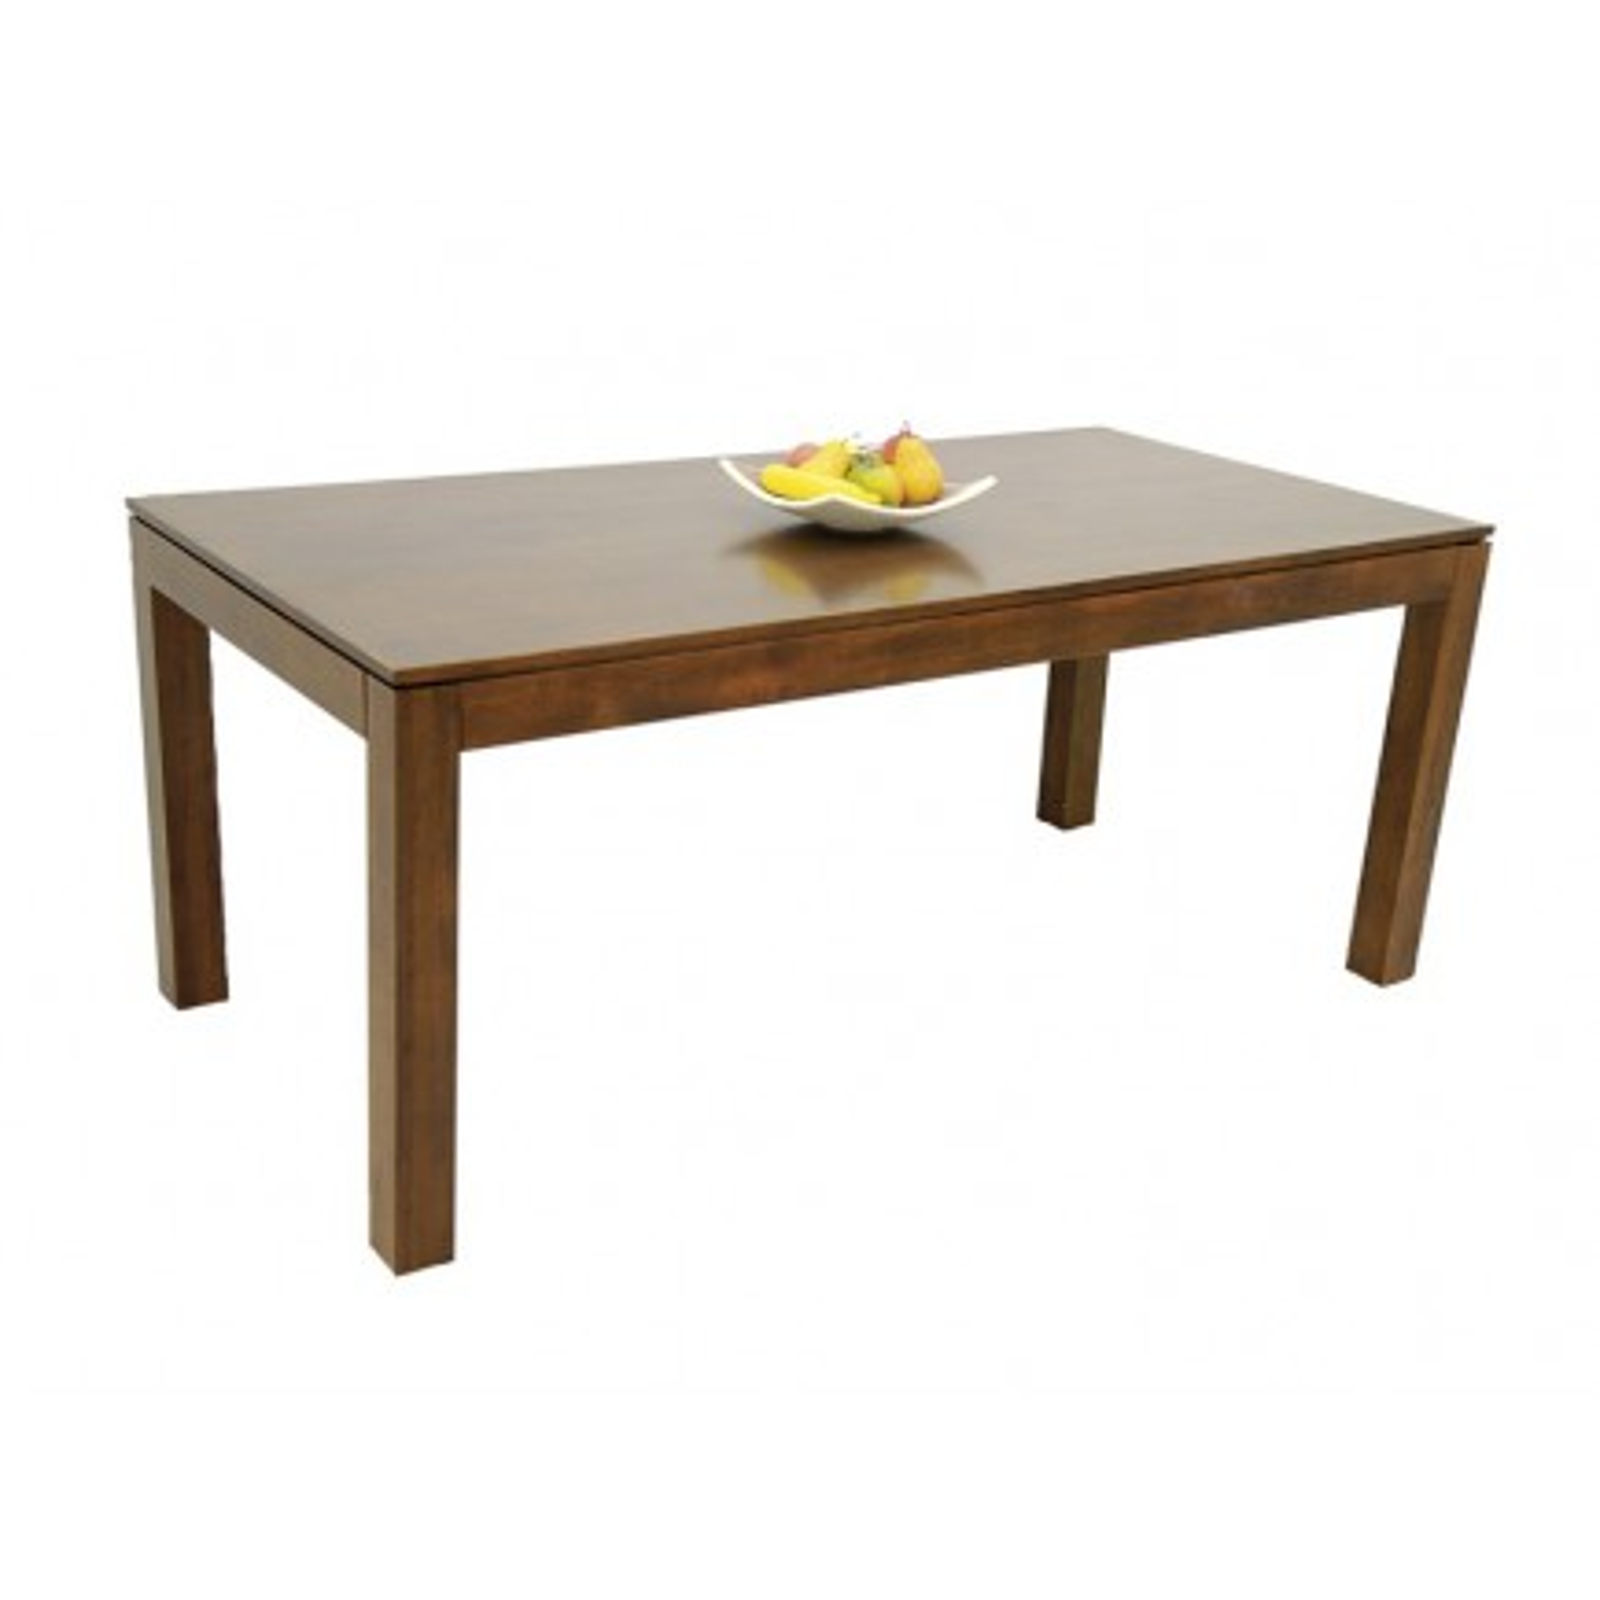 Table Séjour Omega Hévéa - meuble style design